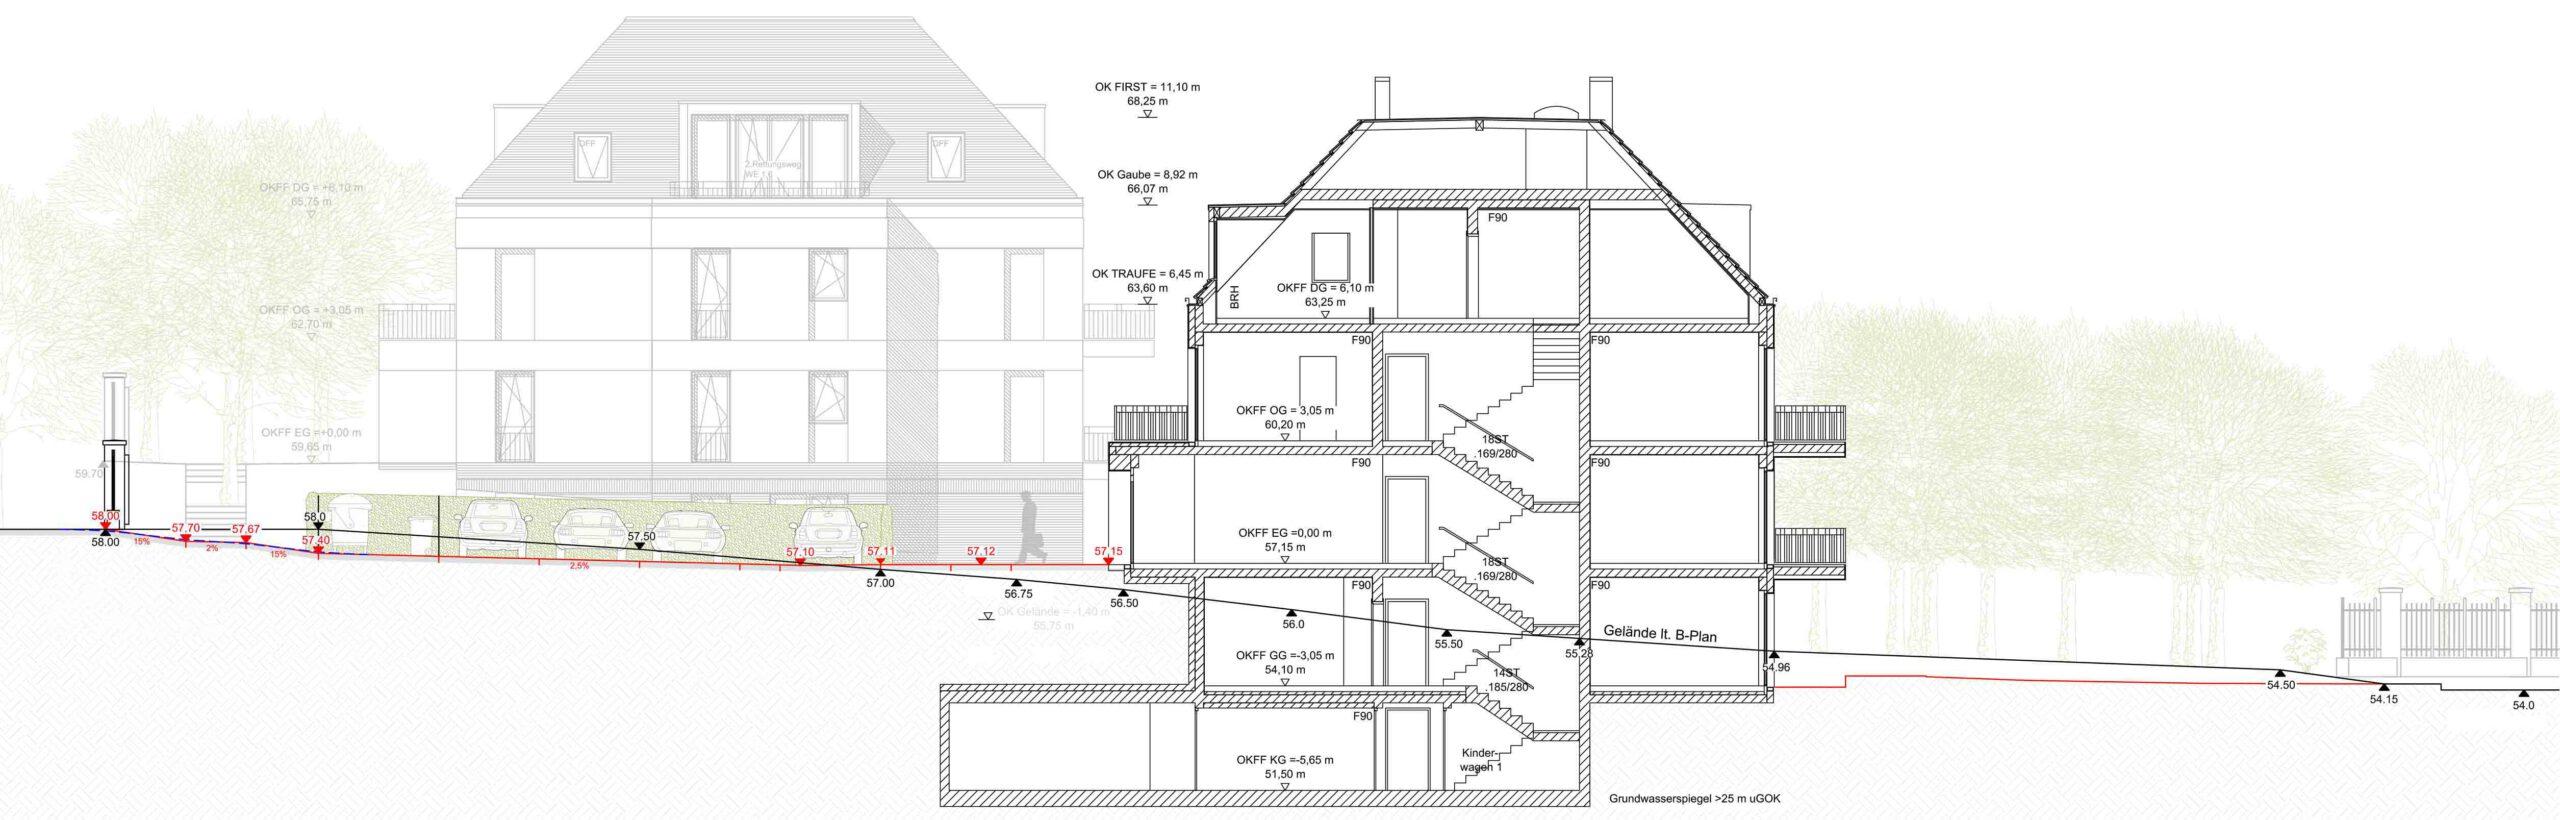 Schnitt typischer Neubau mit Gelände